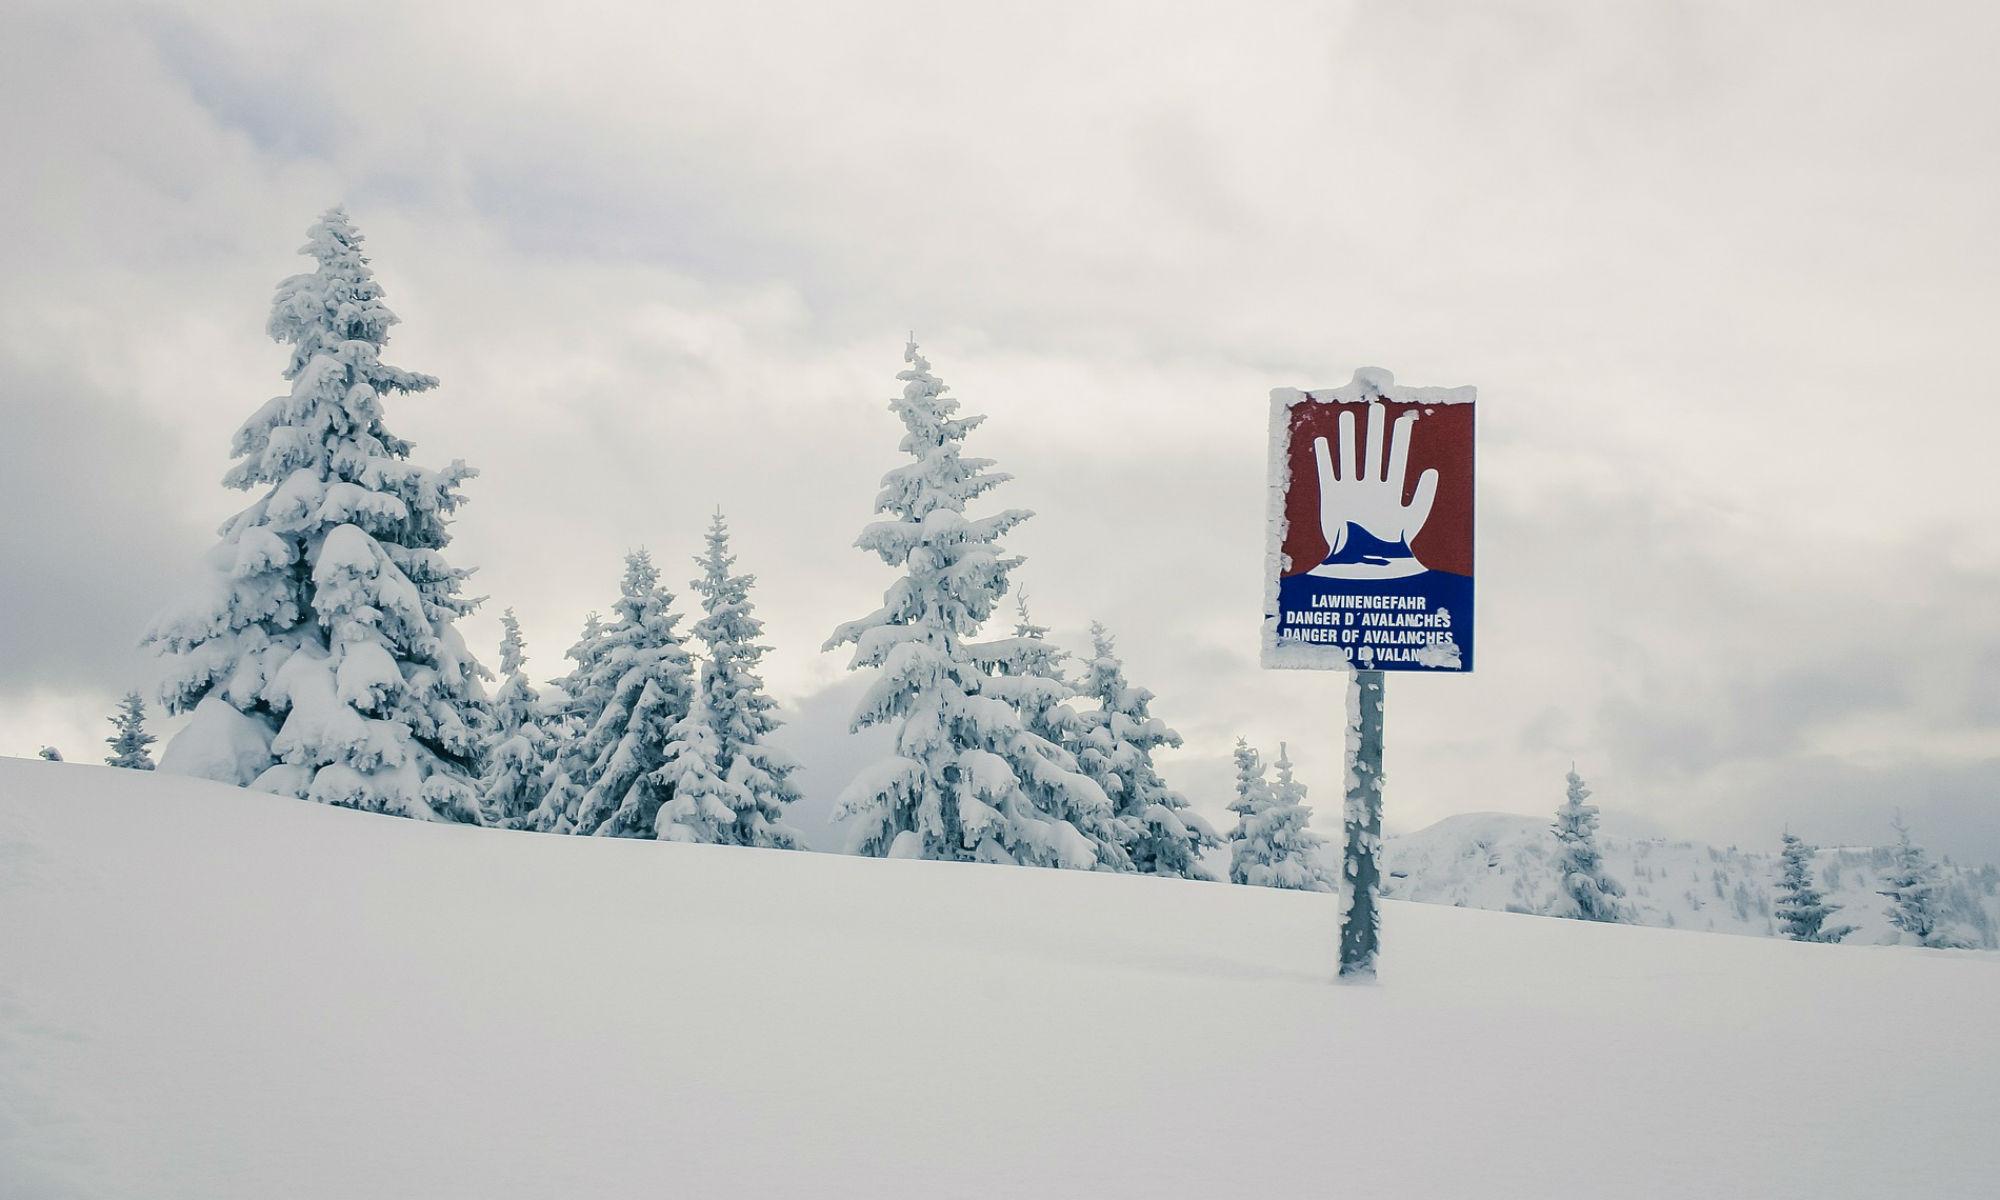 Ein Lawinenwarnschild in einem tief verschneiten Waldstück.